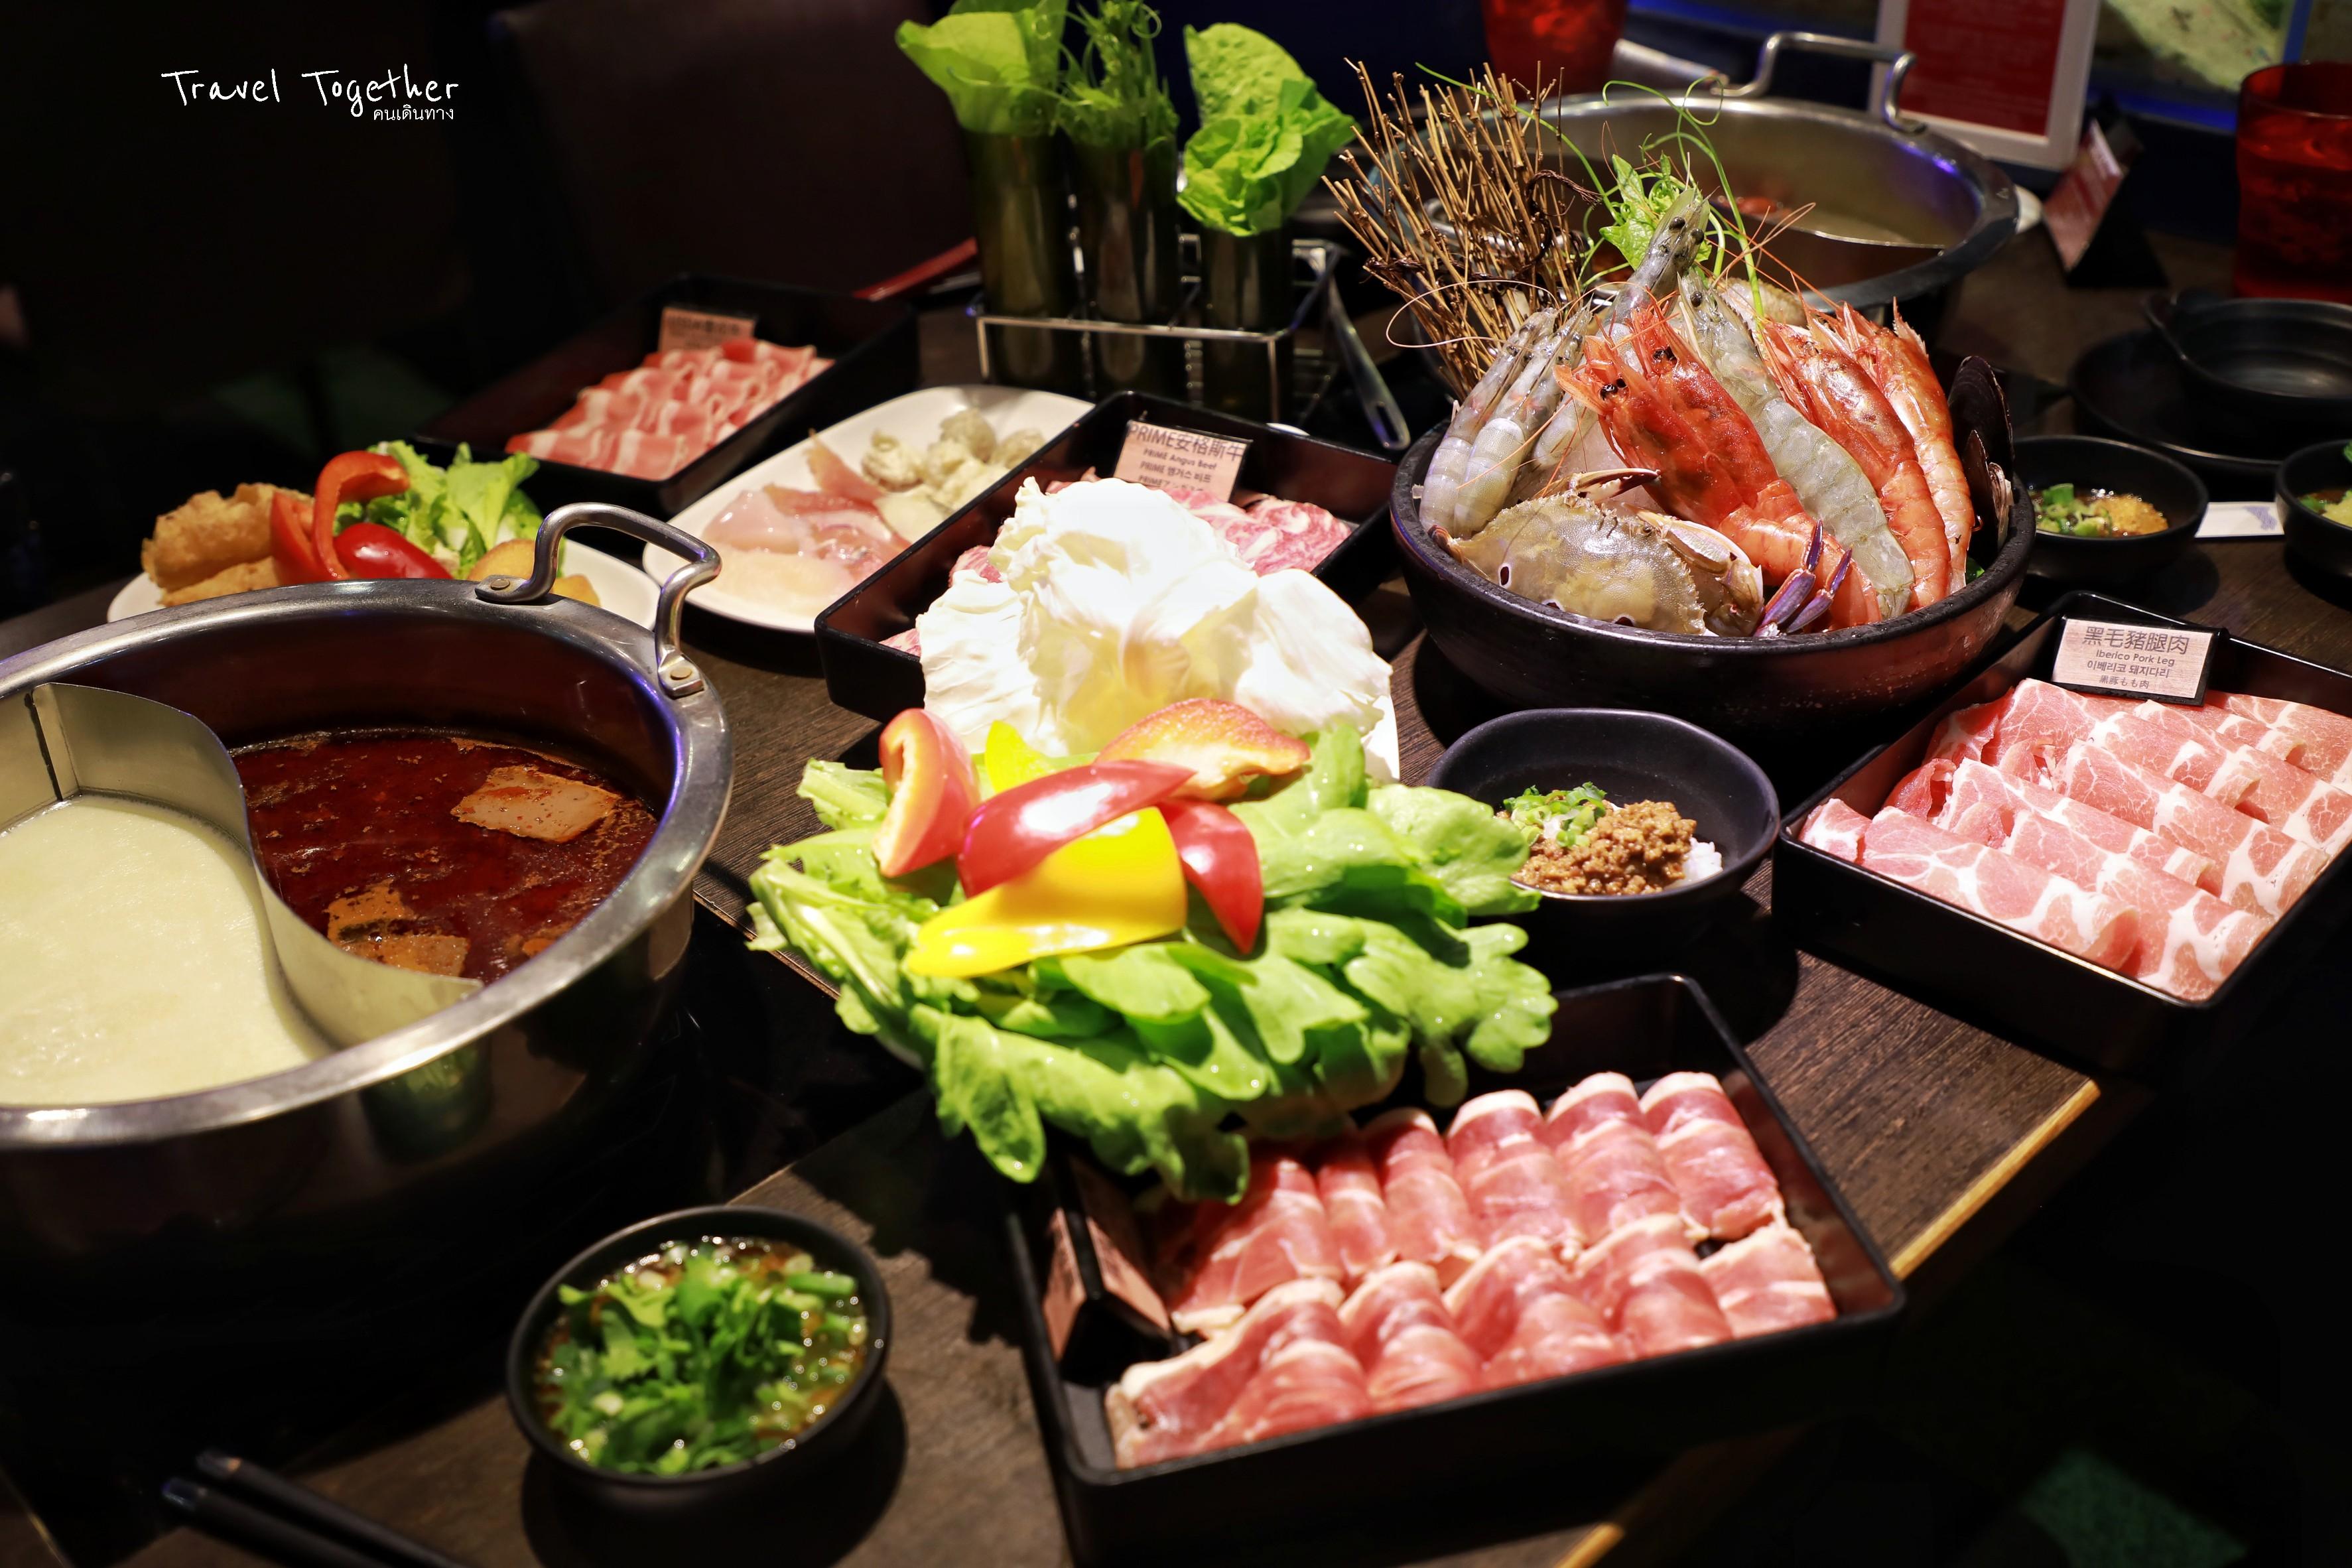 บุฟเฟ่ต์ชาบูไต้หวัน Hakkai Shabu Shabu อร่อย คุ้ม และสดมาก